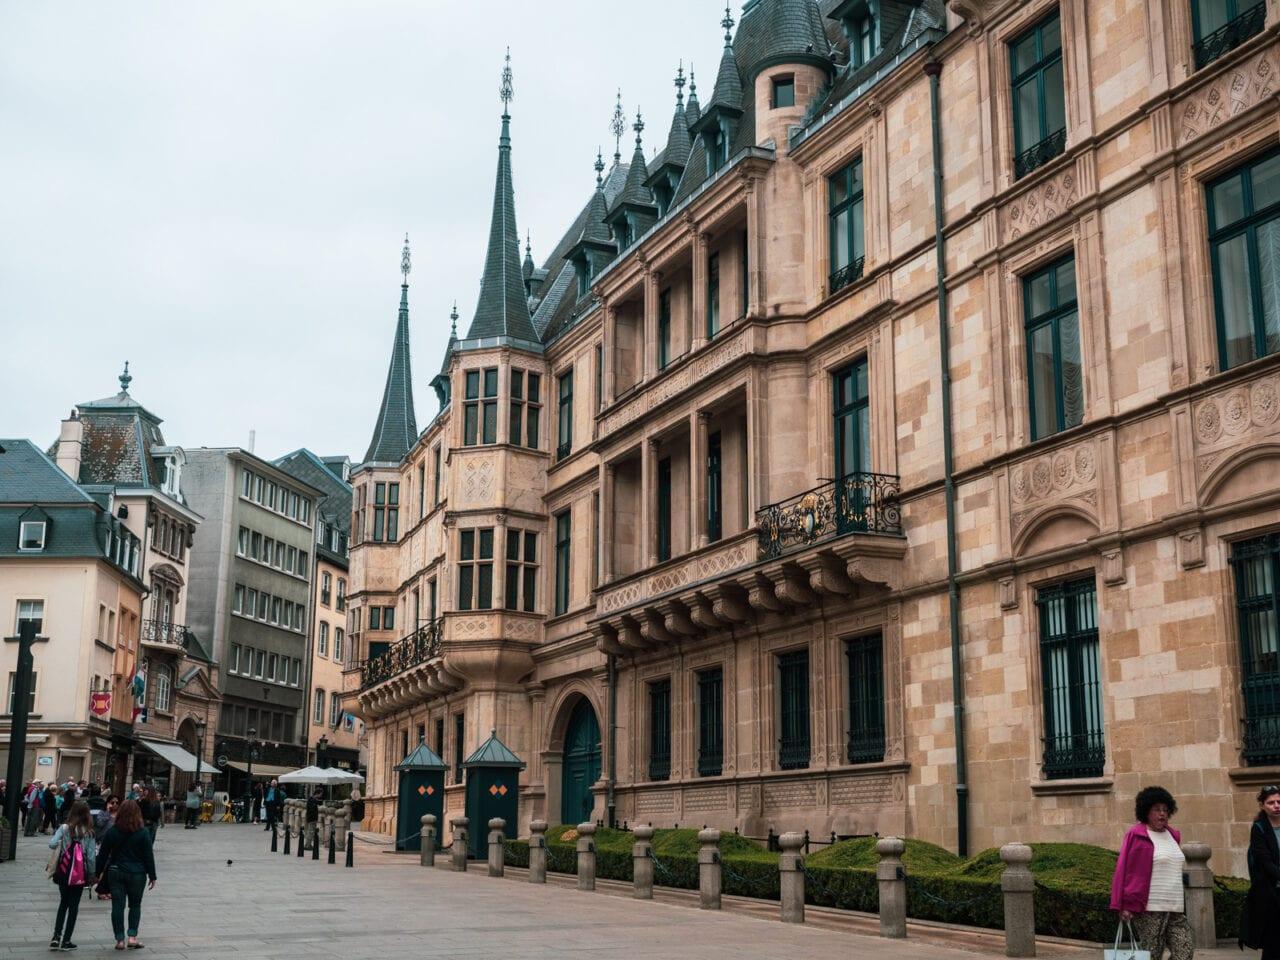 Luksemburg palac wielkiego ksiecia